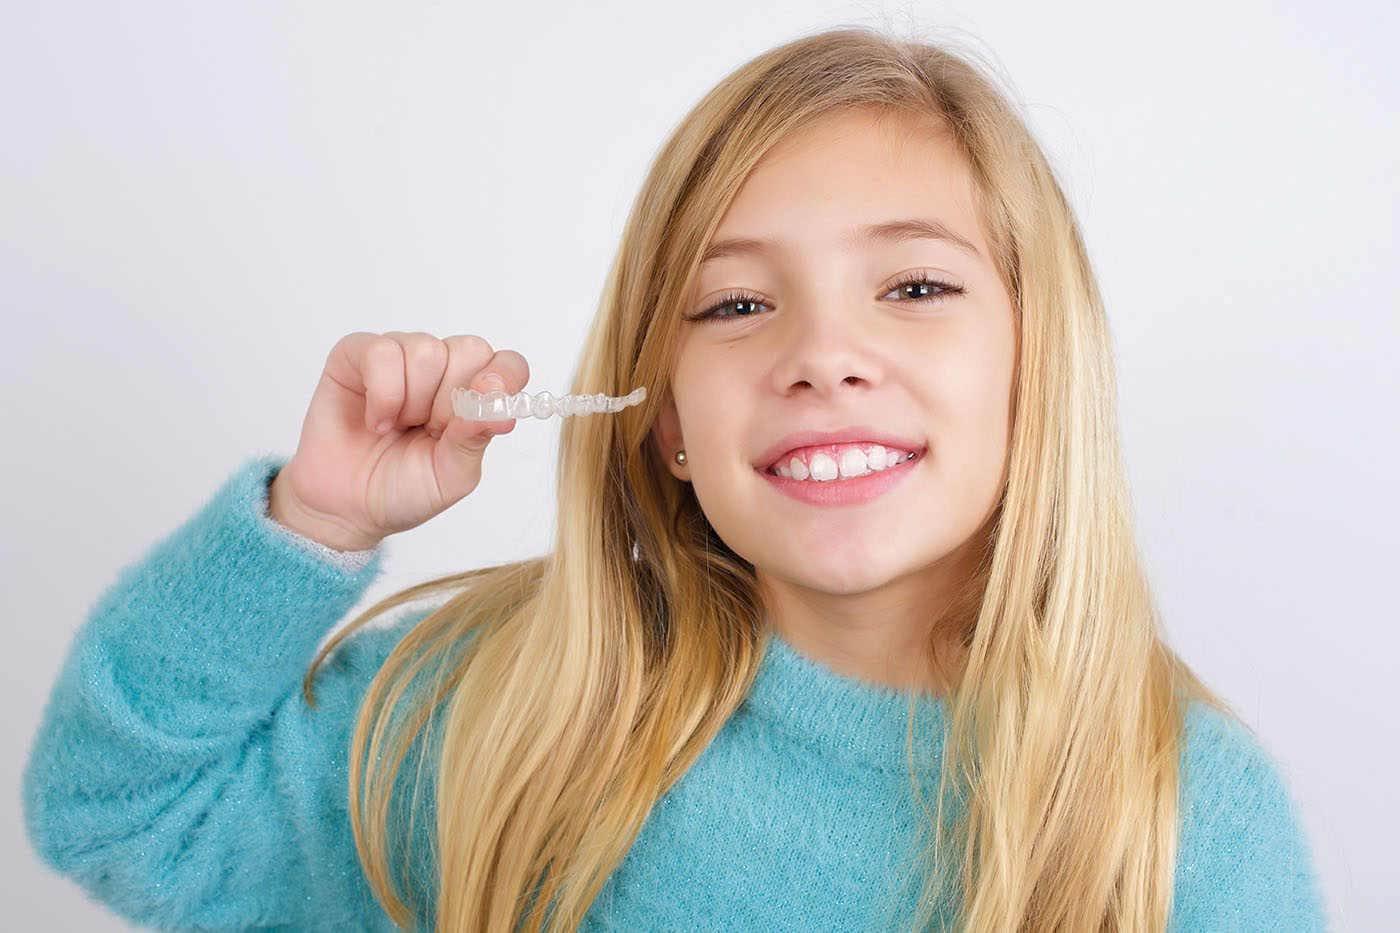 Scrâșnitul dinților (bruxismul) la copii: de ce apare și cum se poate trata?